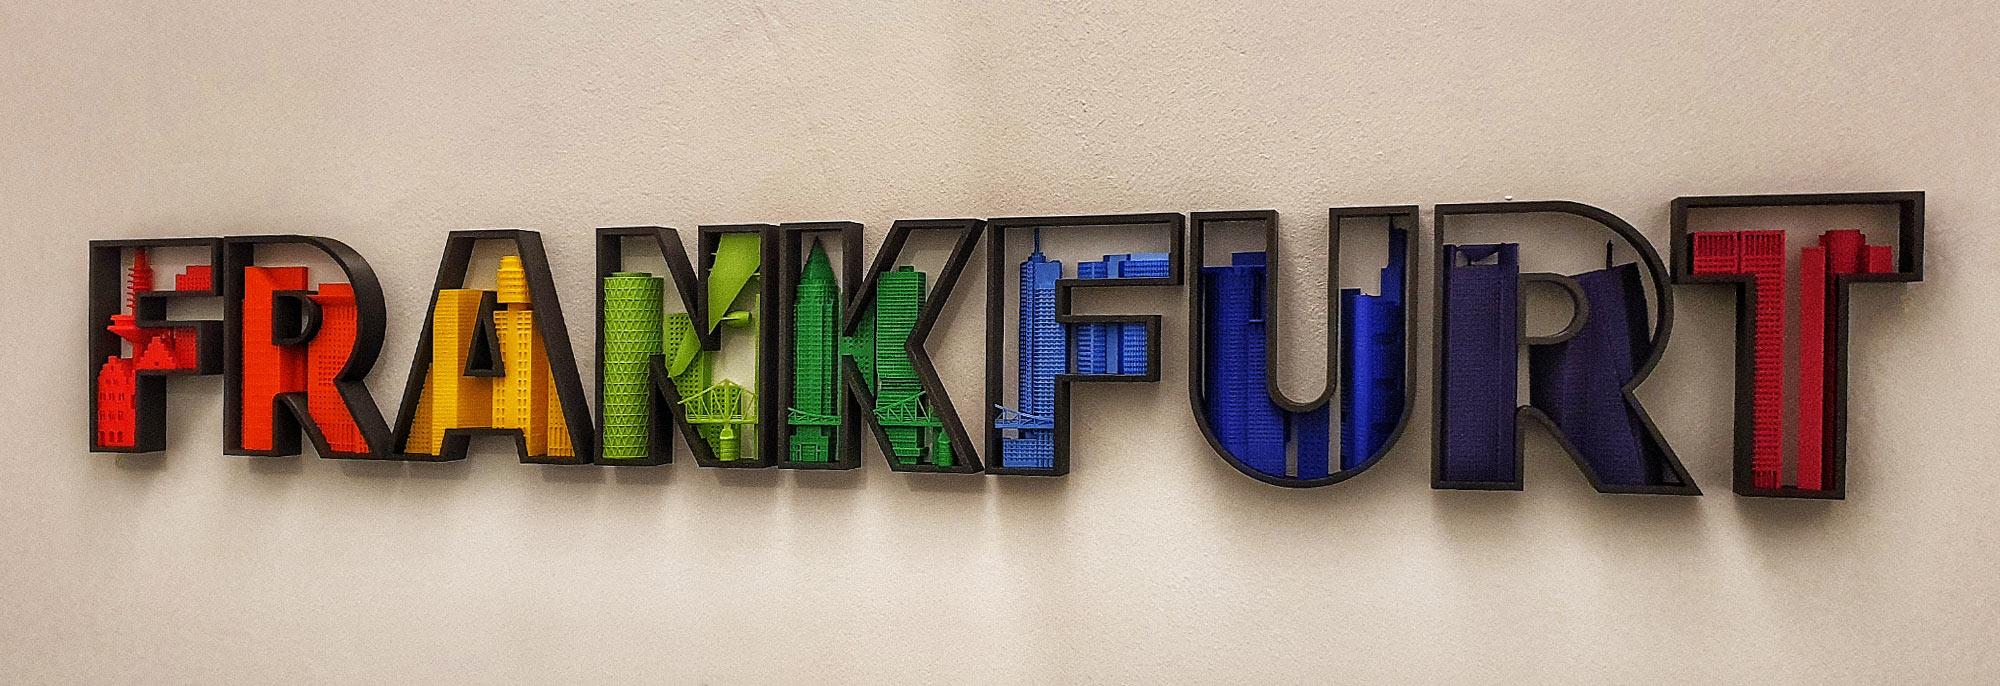 Frankfurt Schriftzug Modell 3 D Druck - Geschenkidee Frankfurt - Exklusives Geschenk Frankfurt - Individuelles Geschenk - Hochhäuser Frankfurt